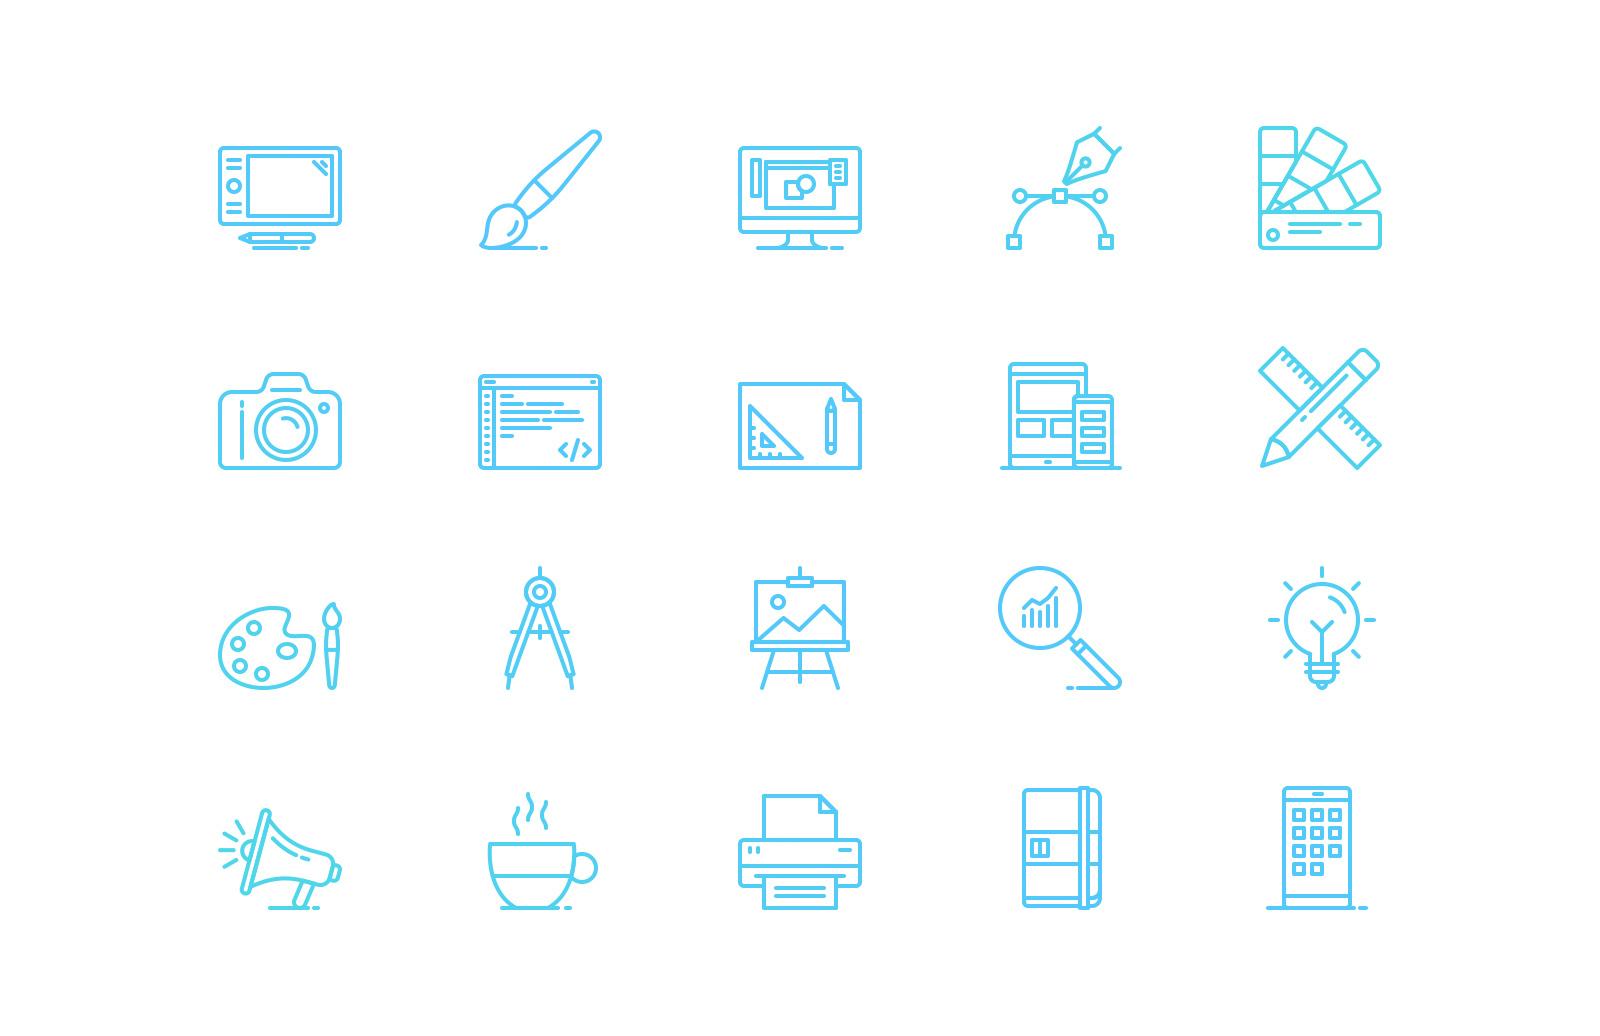 UI & Graphic Design Line Icons 2